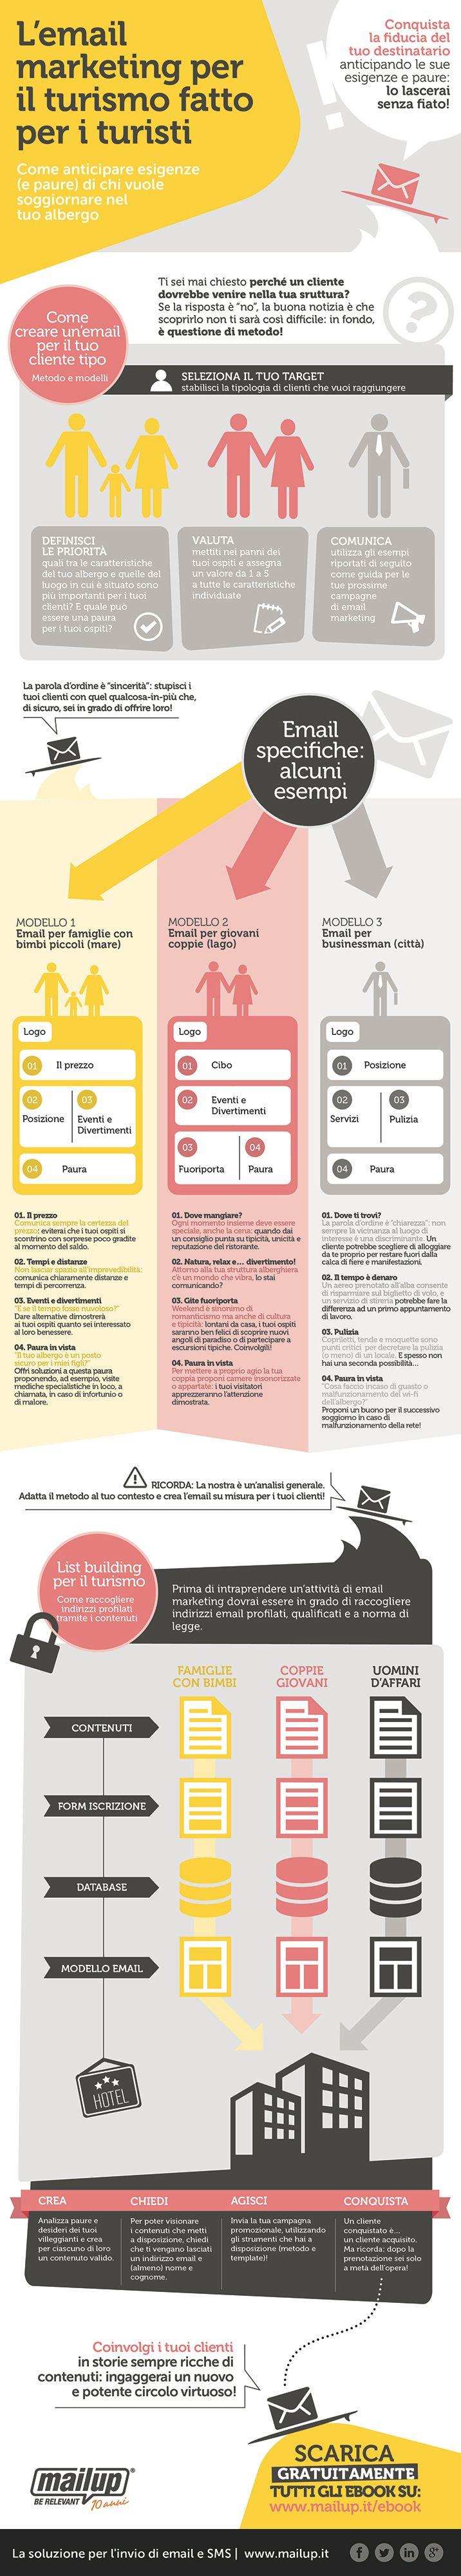 Infografica #emailmarketing e #turismo